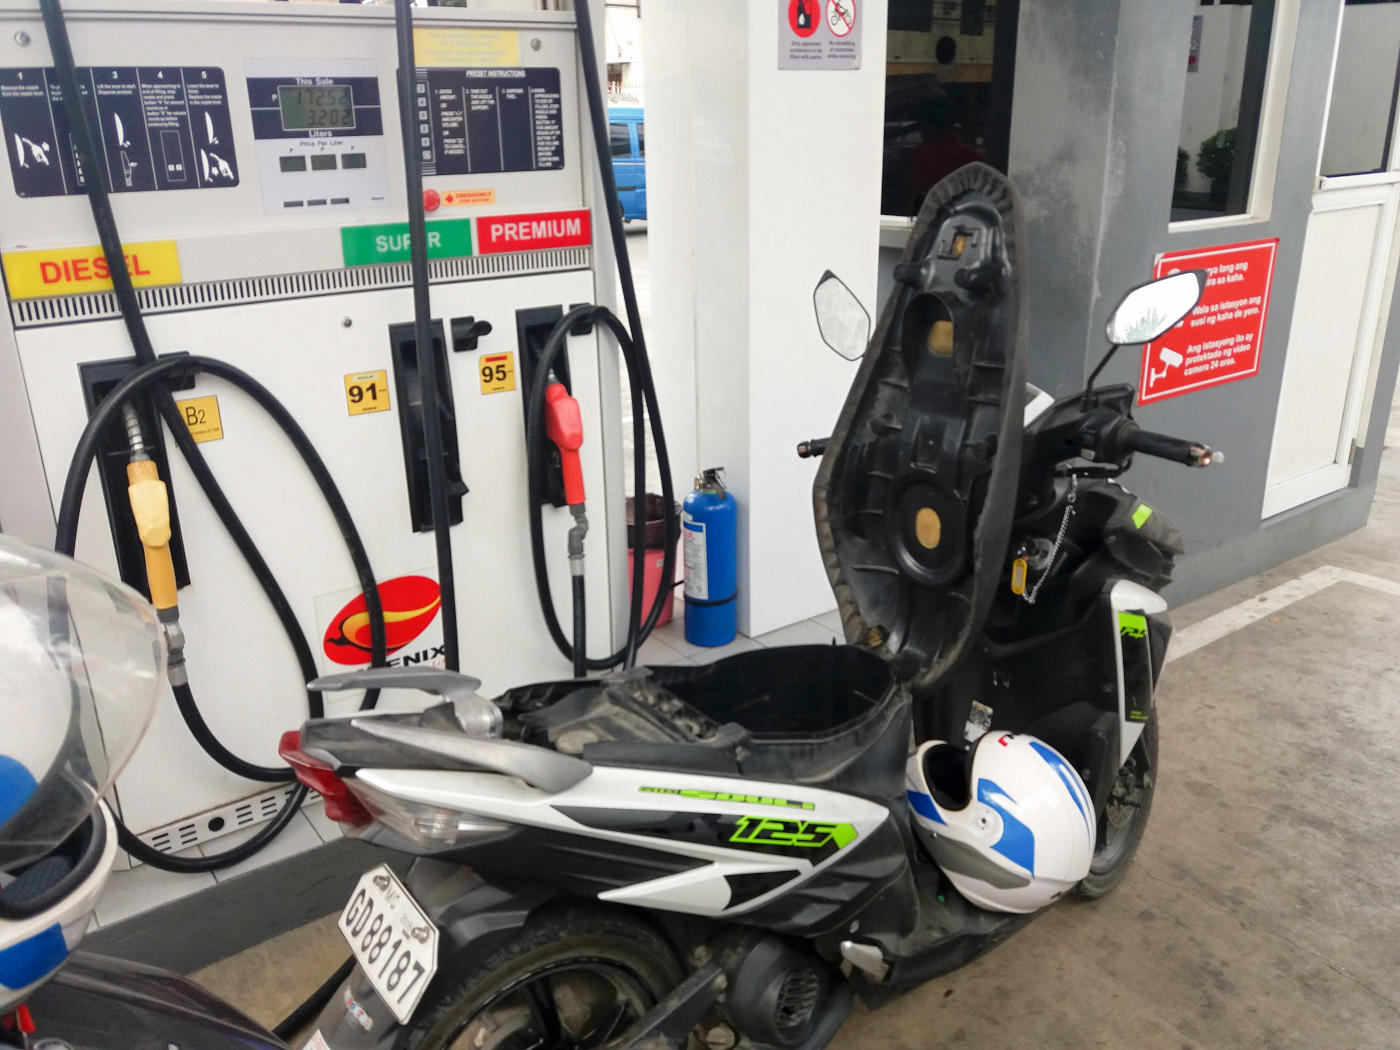 ボホール島でレンタルバイクにガソリンを入れている様子